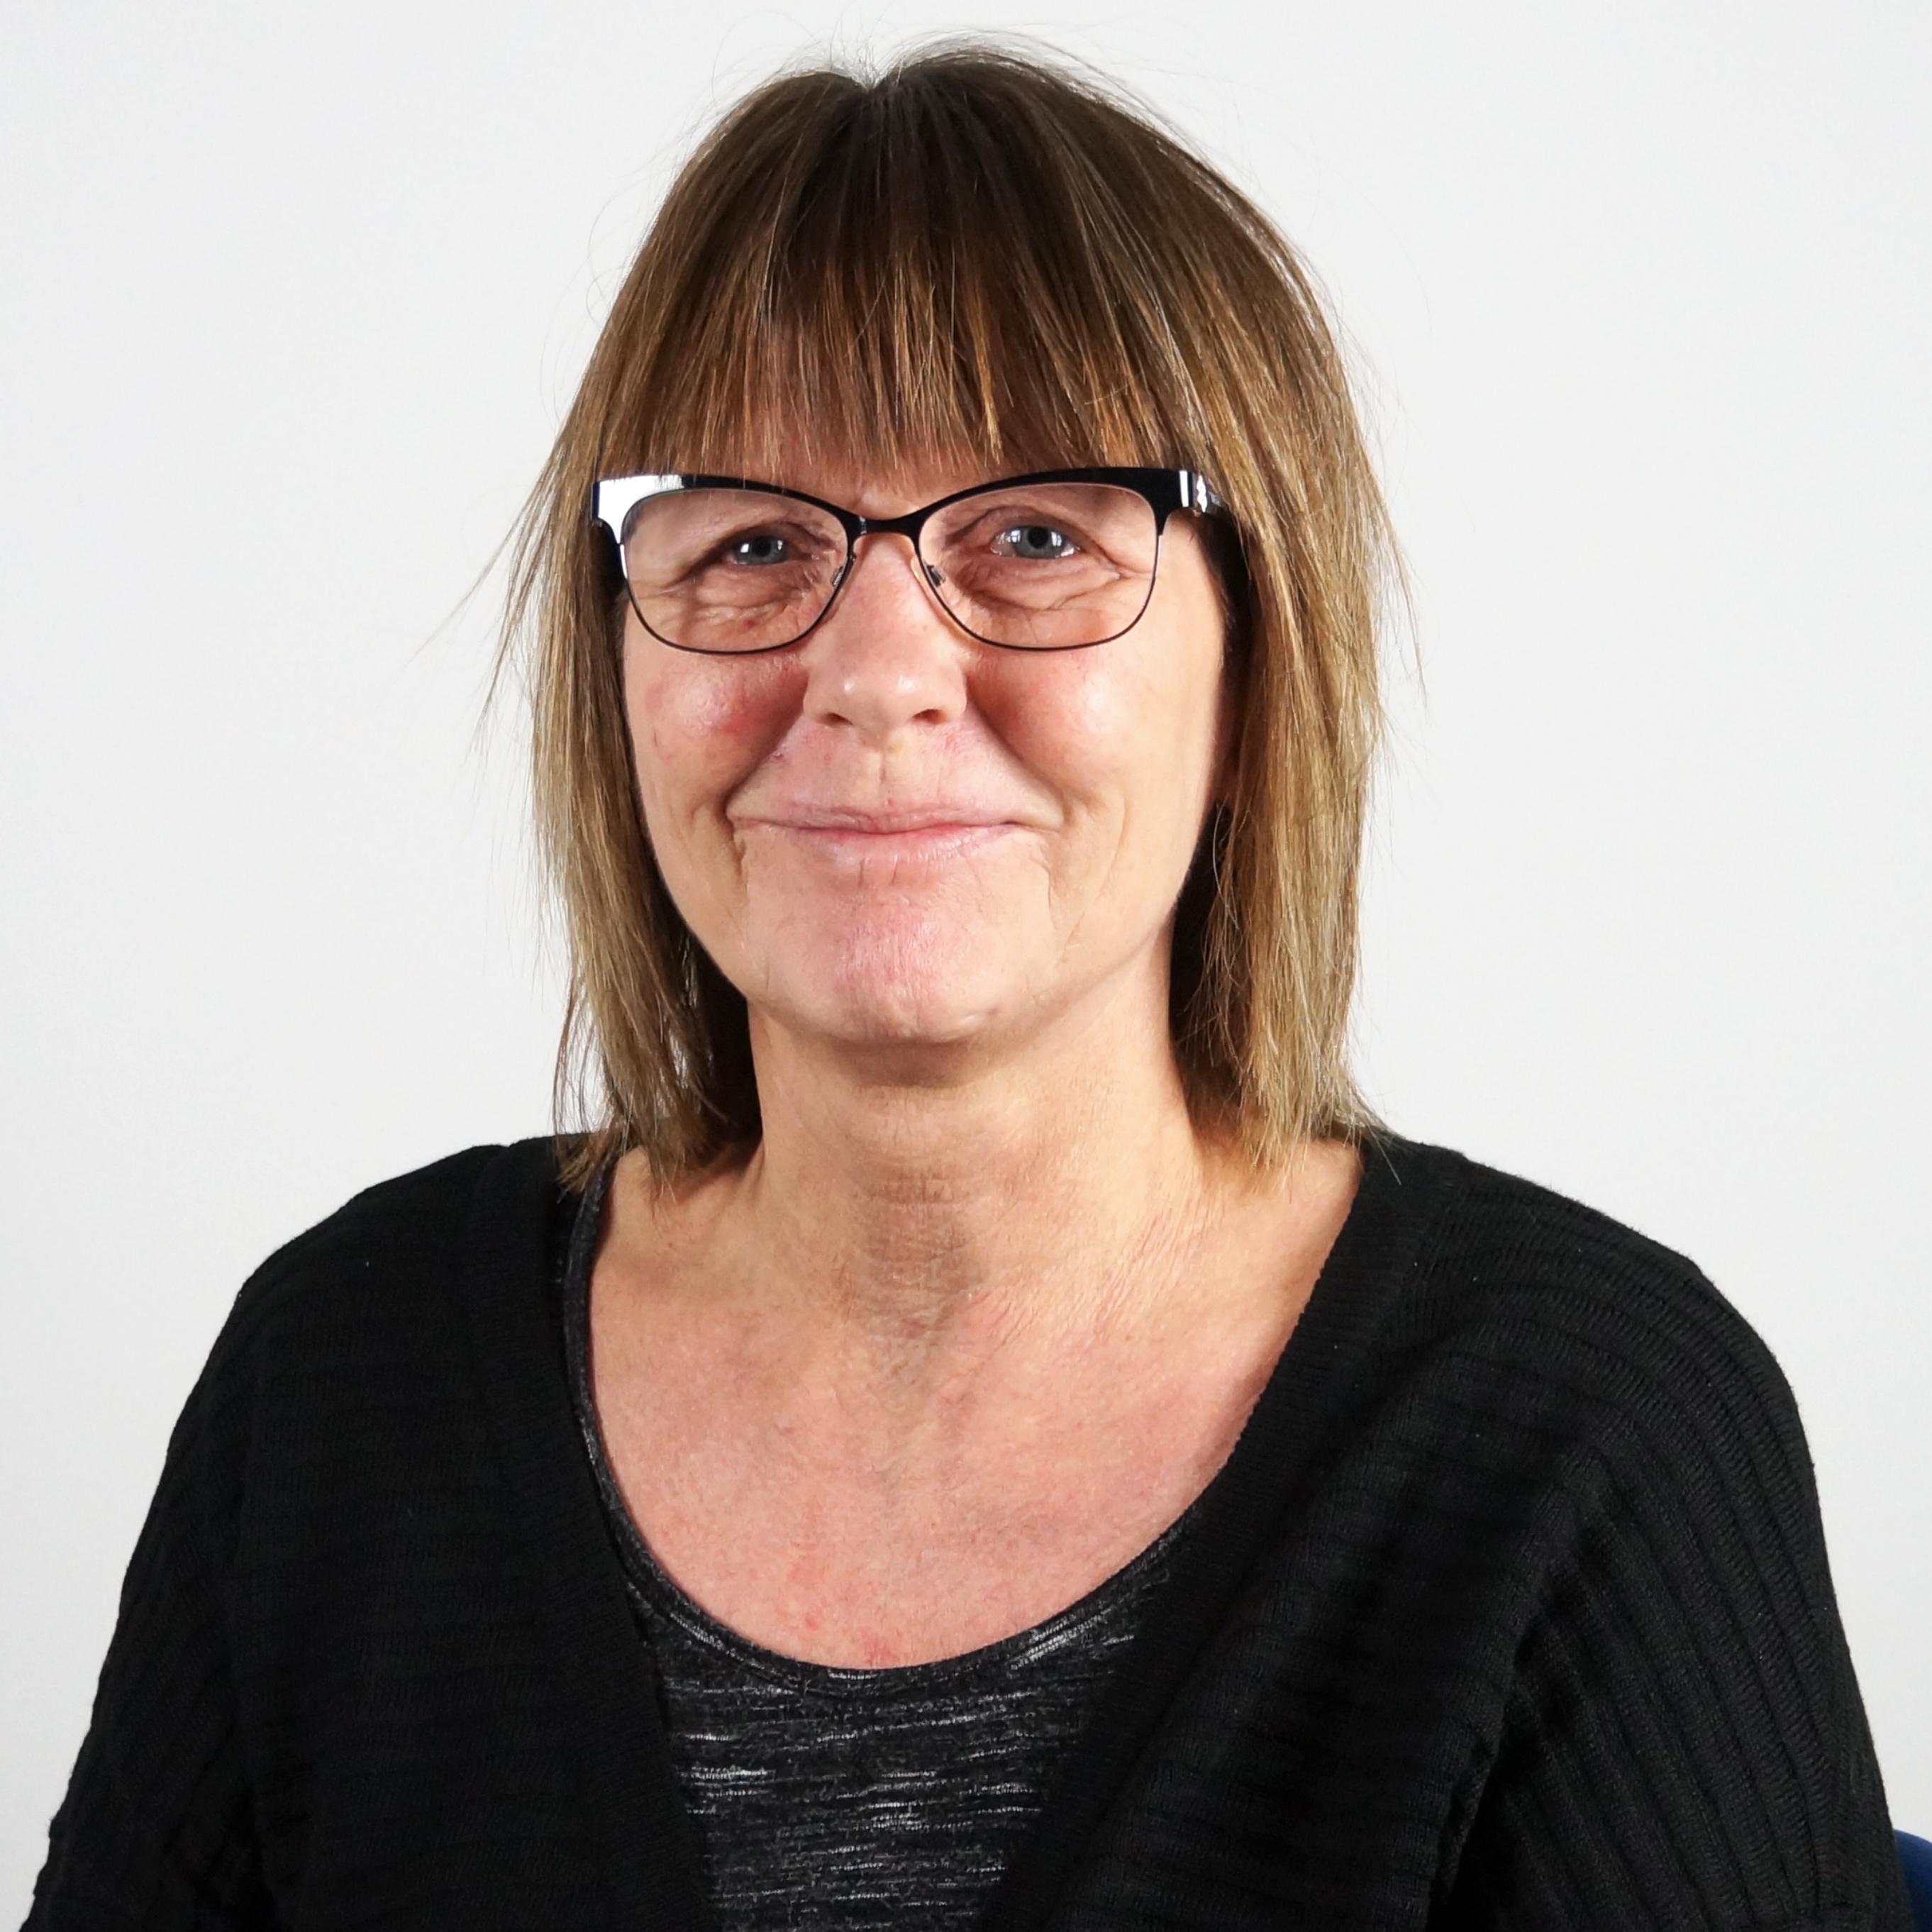 Pia Steenholdt